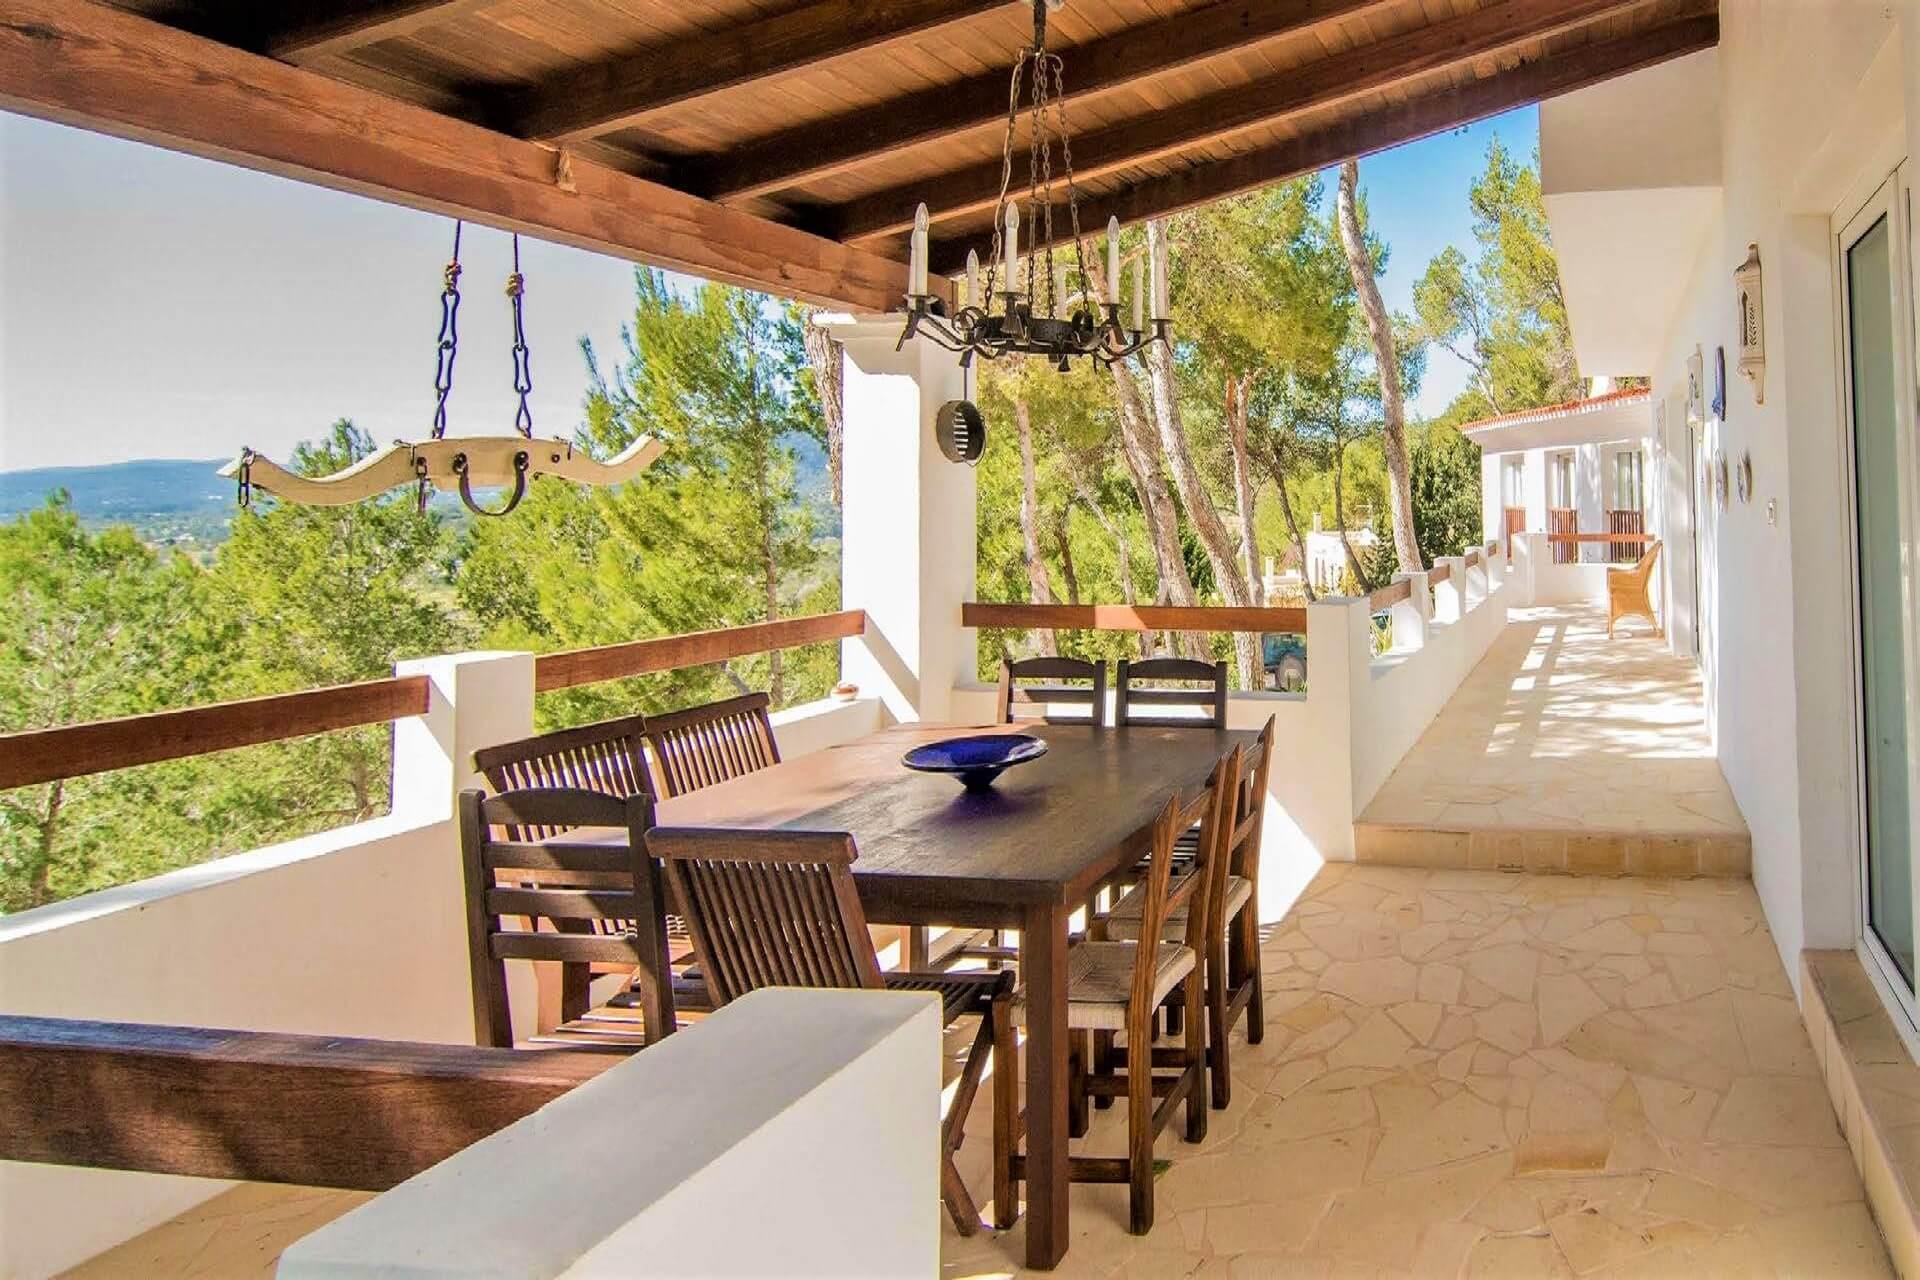 San Carlos - Terrace